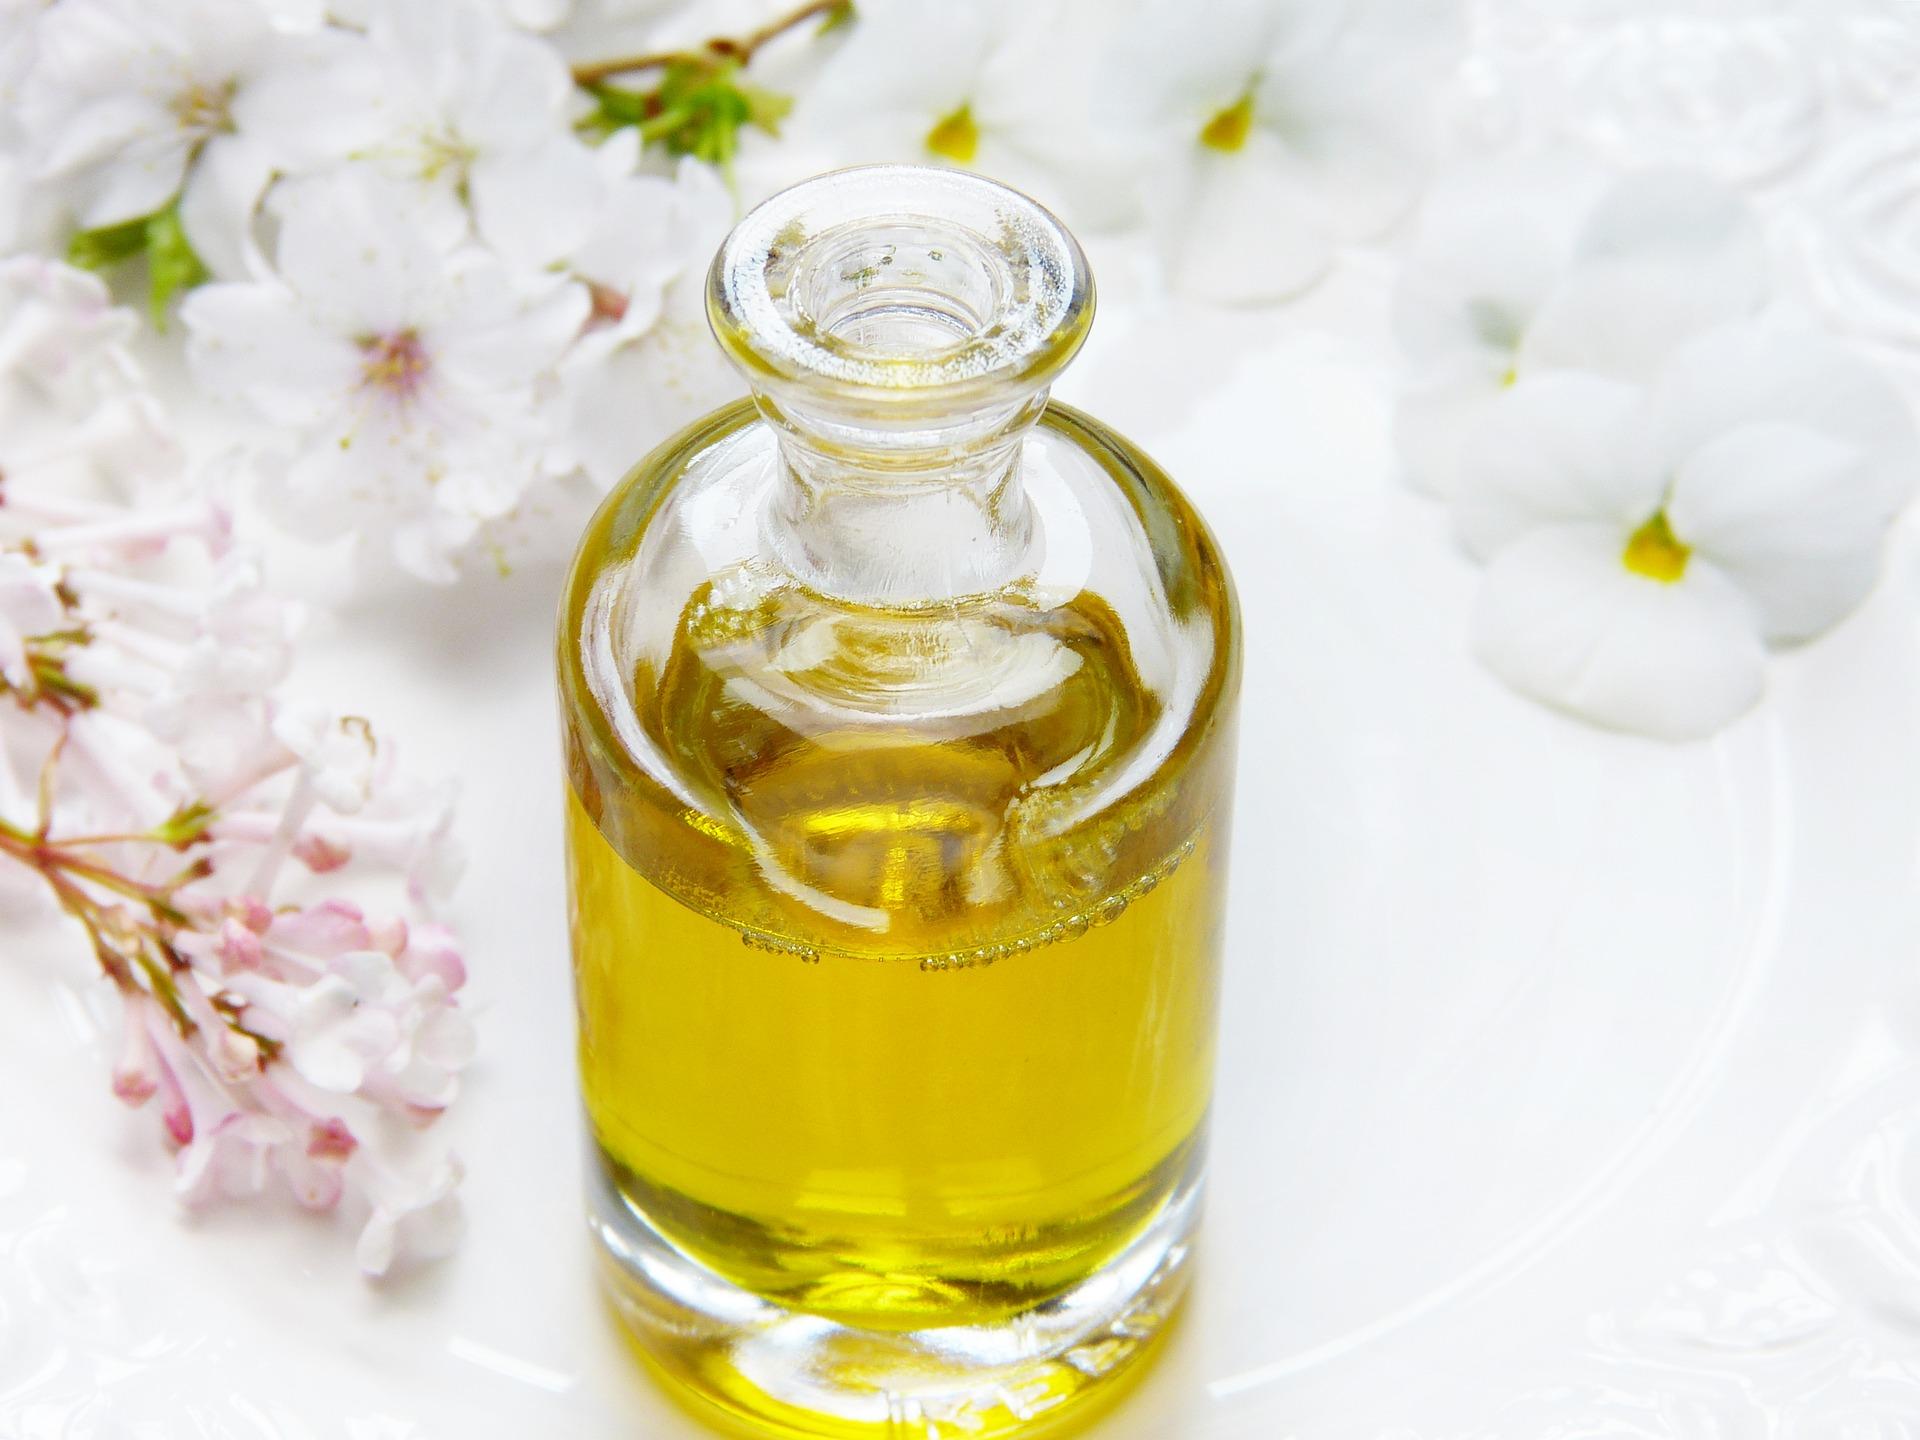 Catat! 3 Manfaat Mencengangkan Squalane Oil, Wanita Wajib Tahu